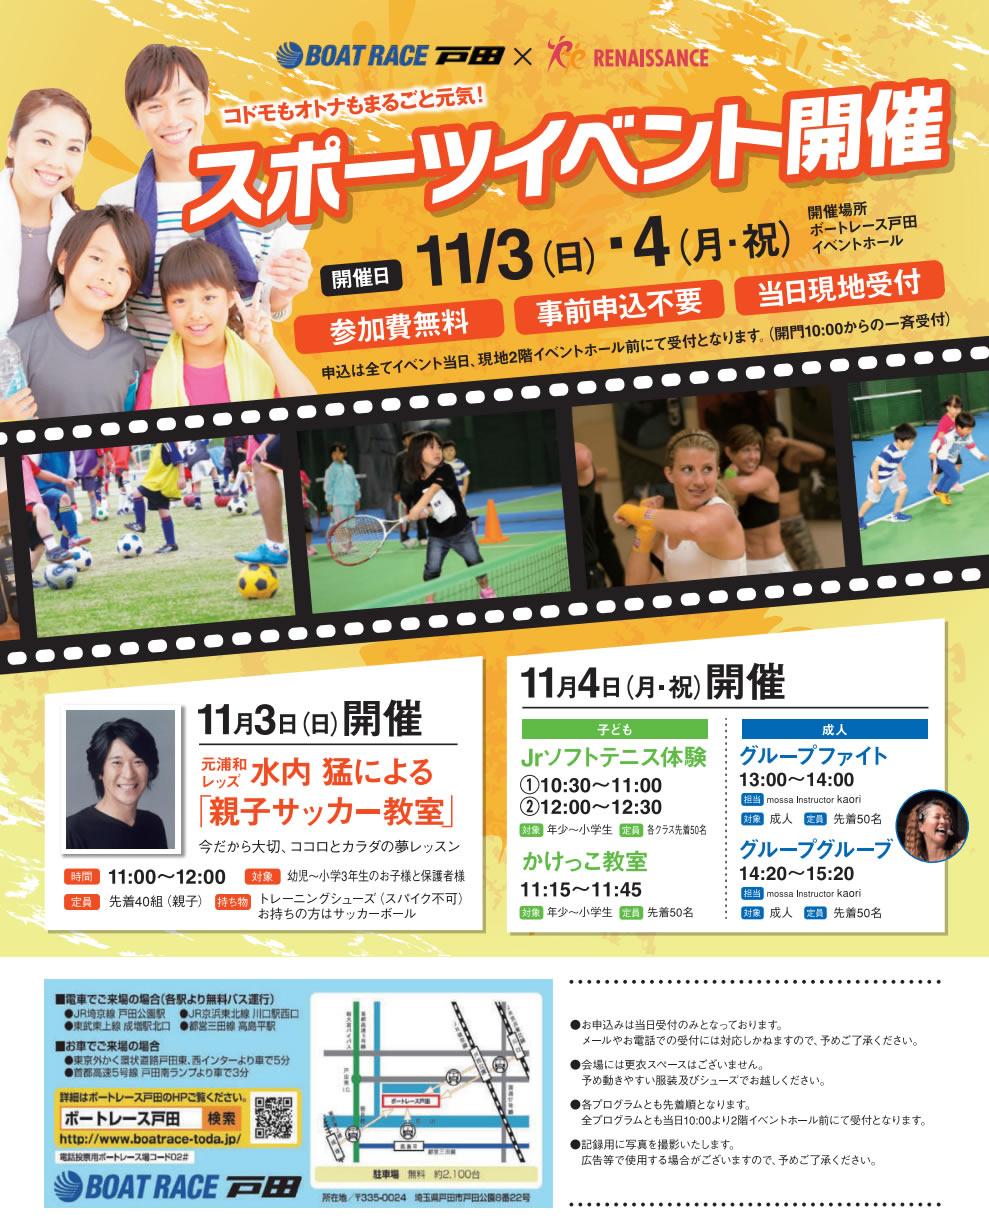 BOATRACE戸田 × ルネサンス 『スポーツイベント』